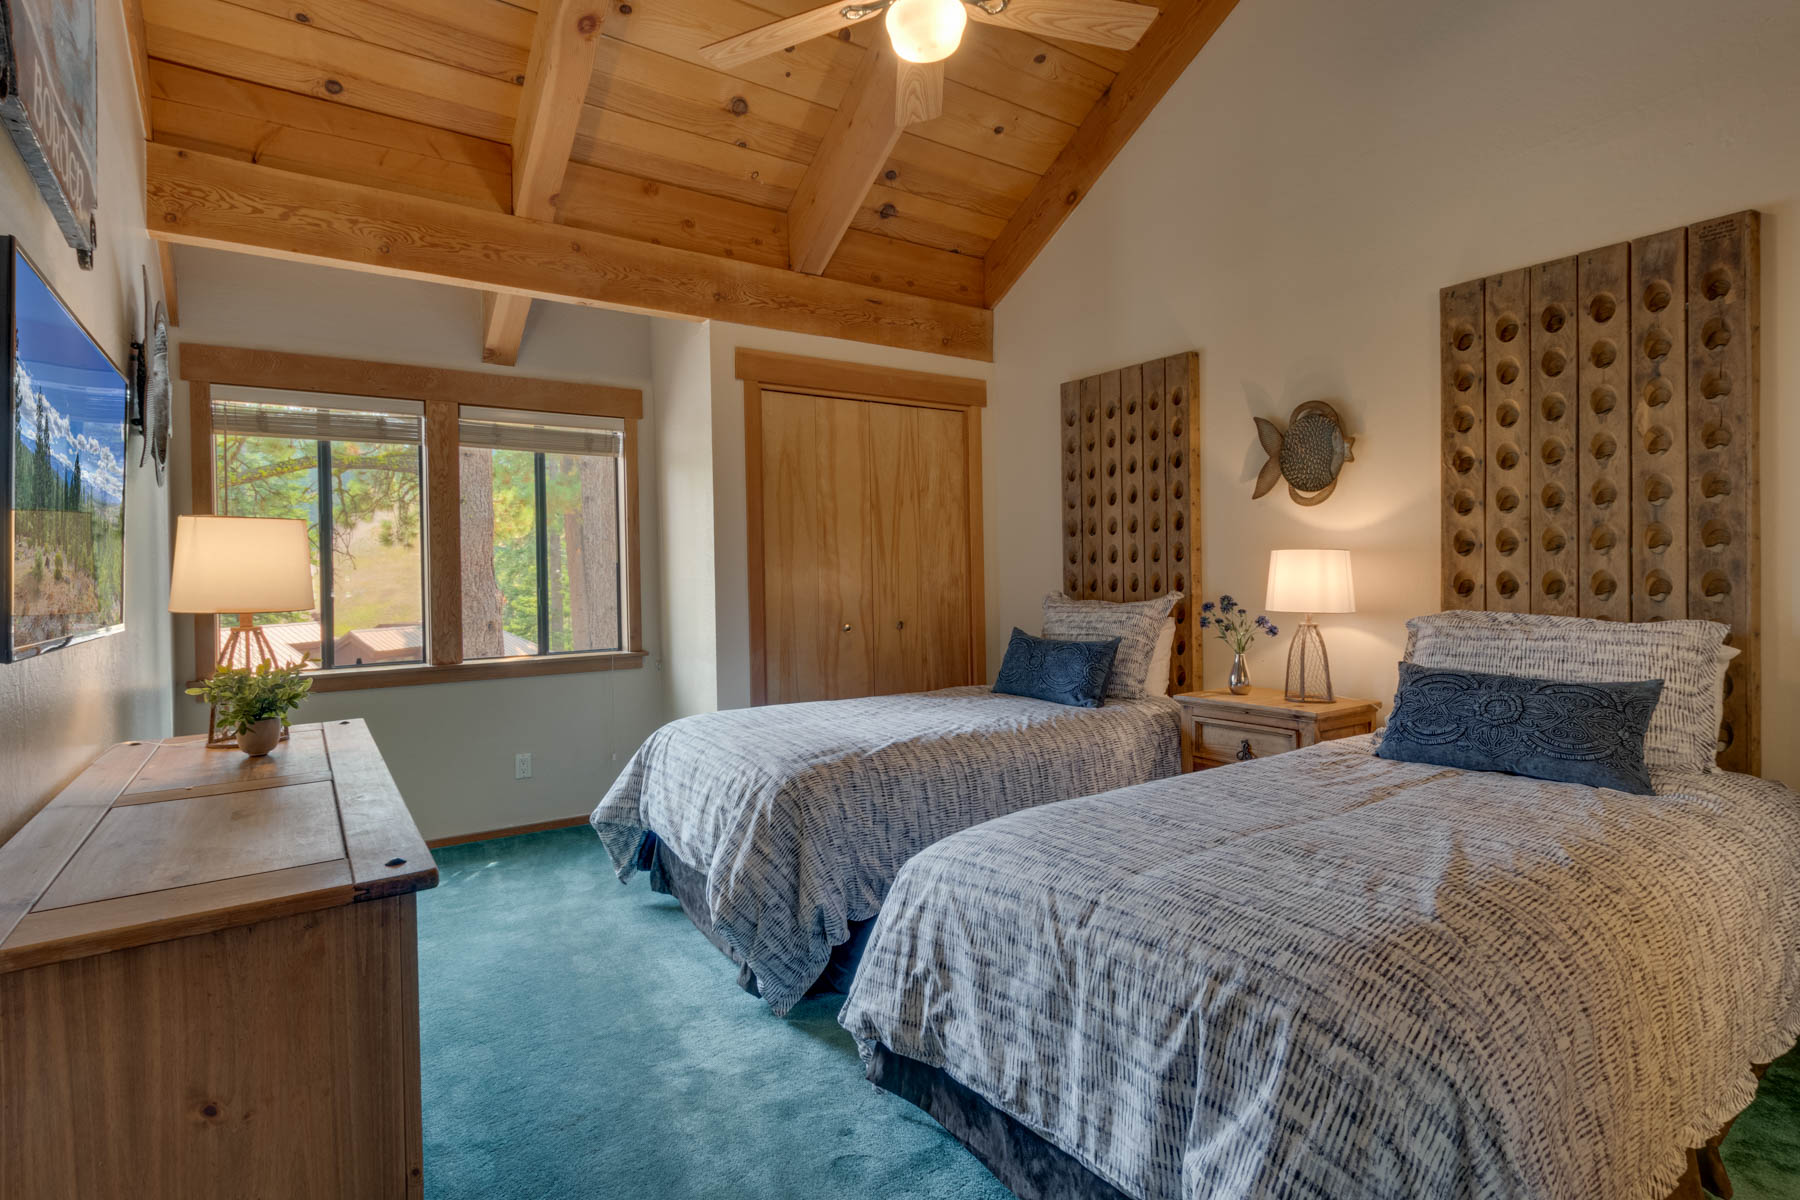 Additional photo for property listing at Granlibakken's Resort Living 725 Granlibakken Rd #89 Tahoe City, California 96145 United States